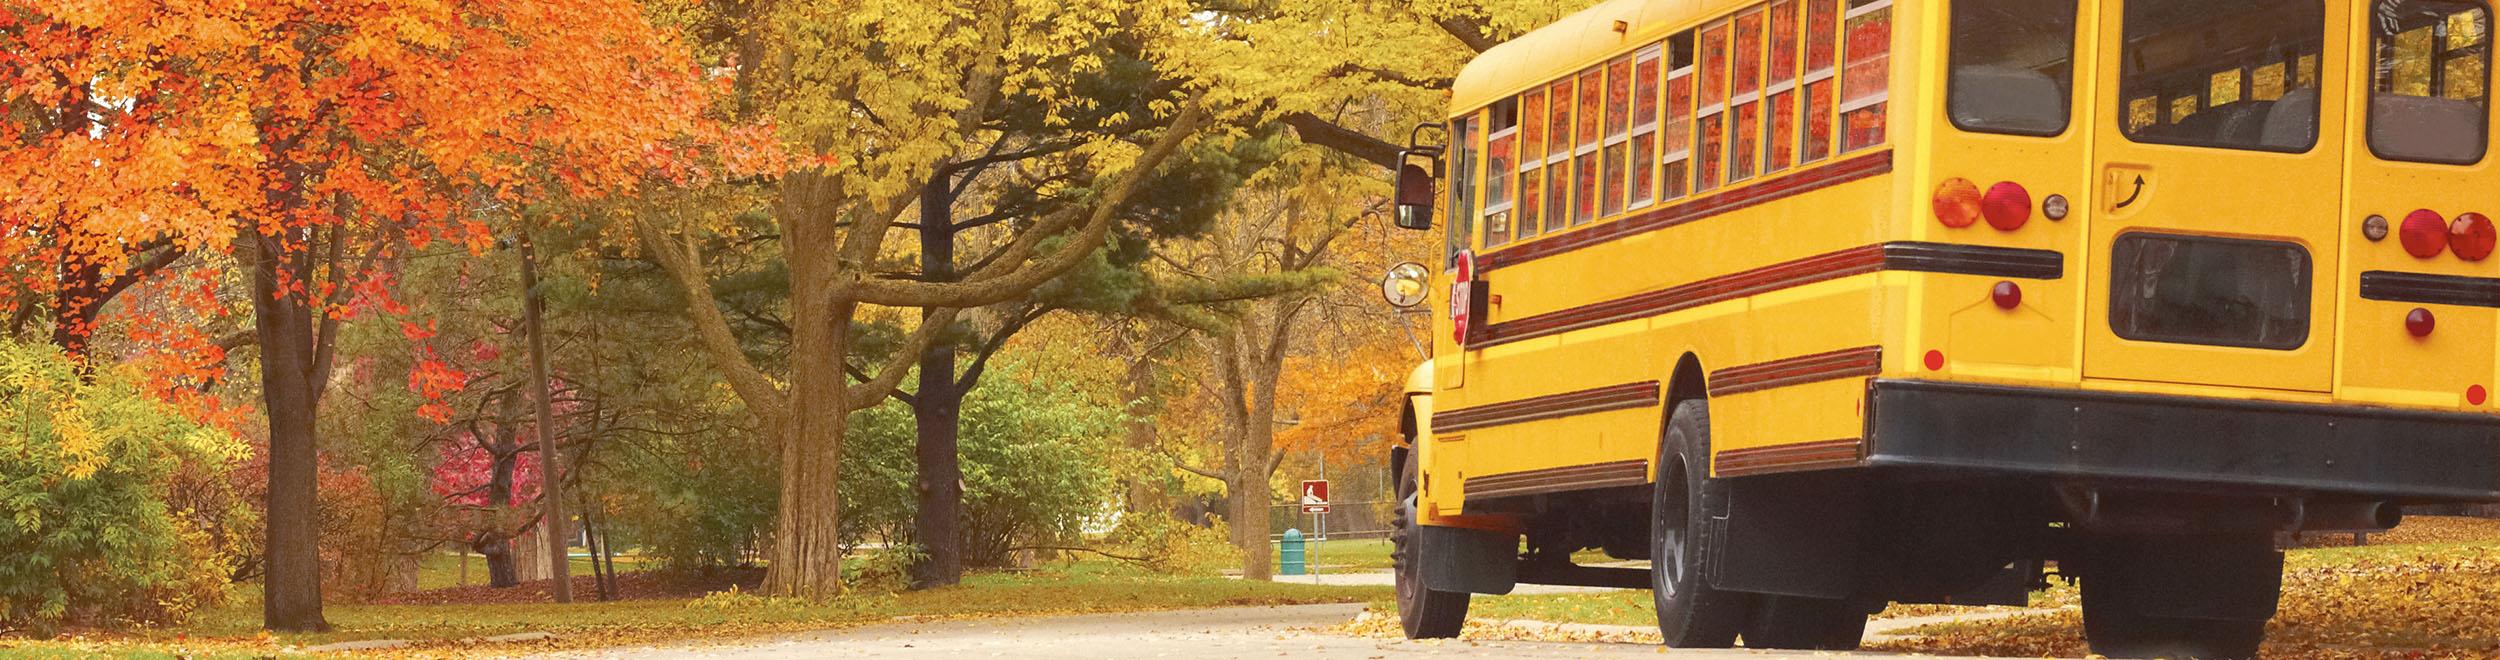 Subscription-Based Transportation Management System